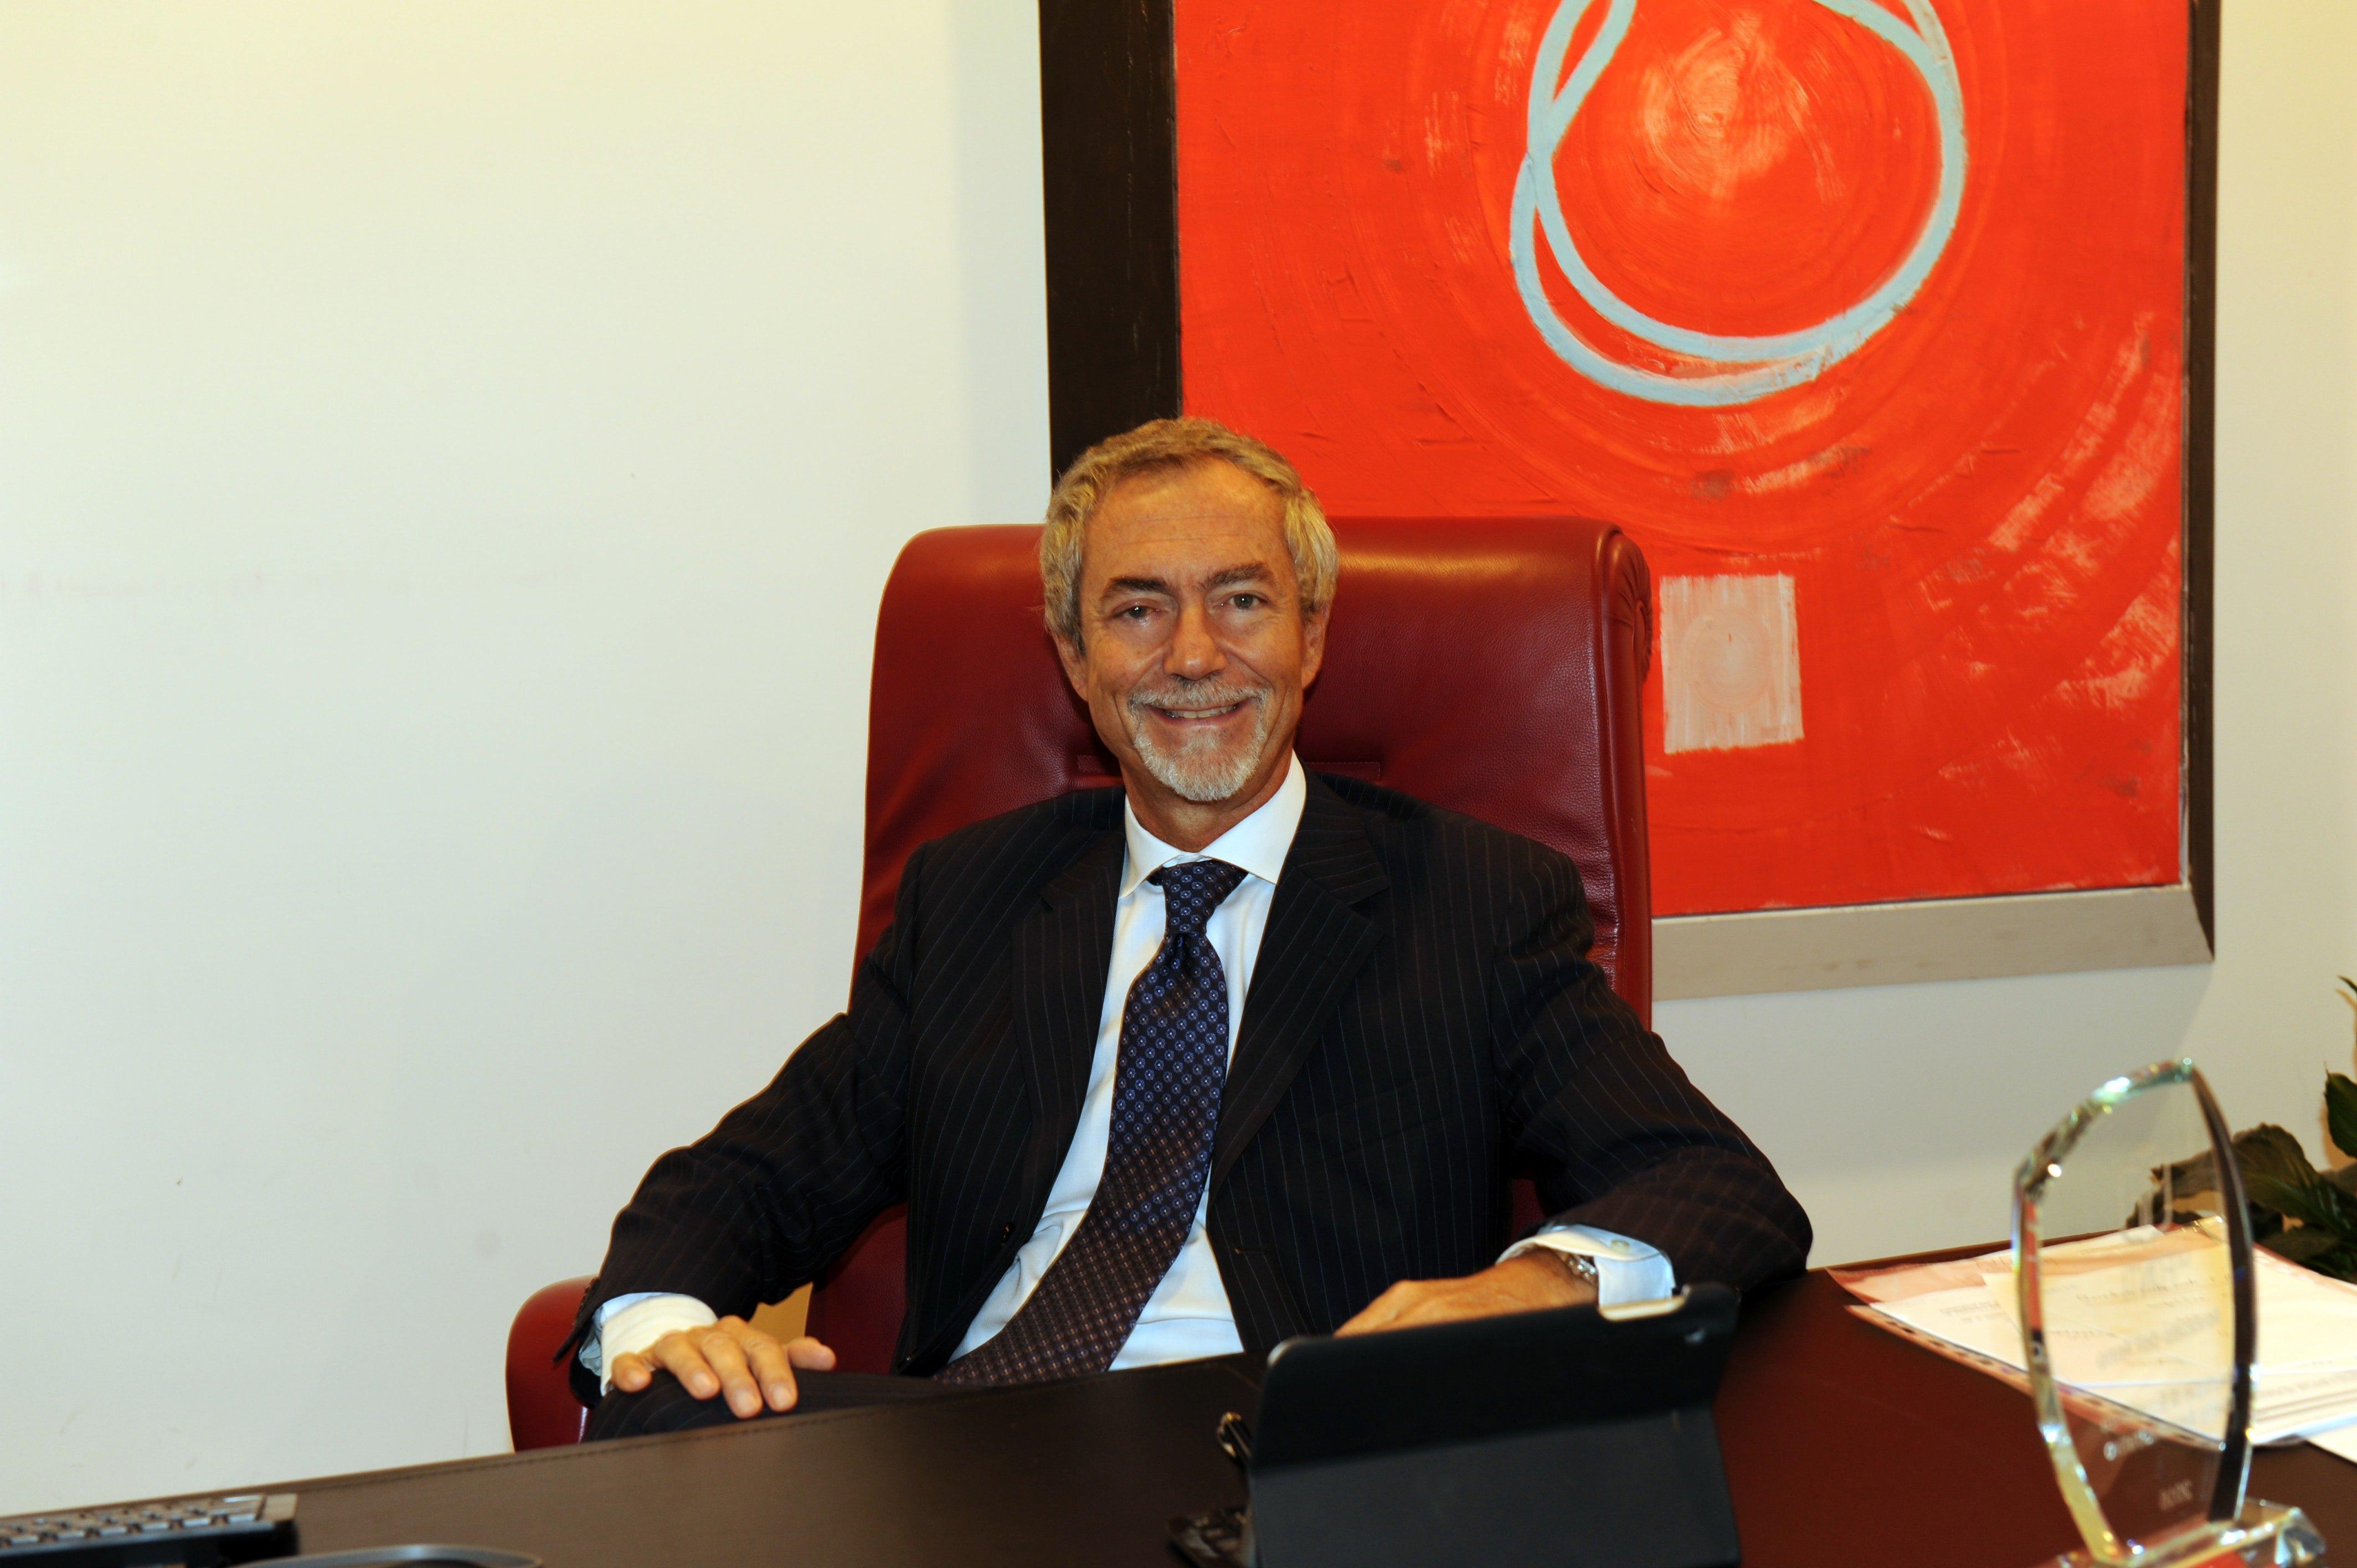 Il ministro assicura i fondi all'editoria e Carlo Malinconico commenta